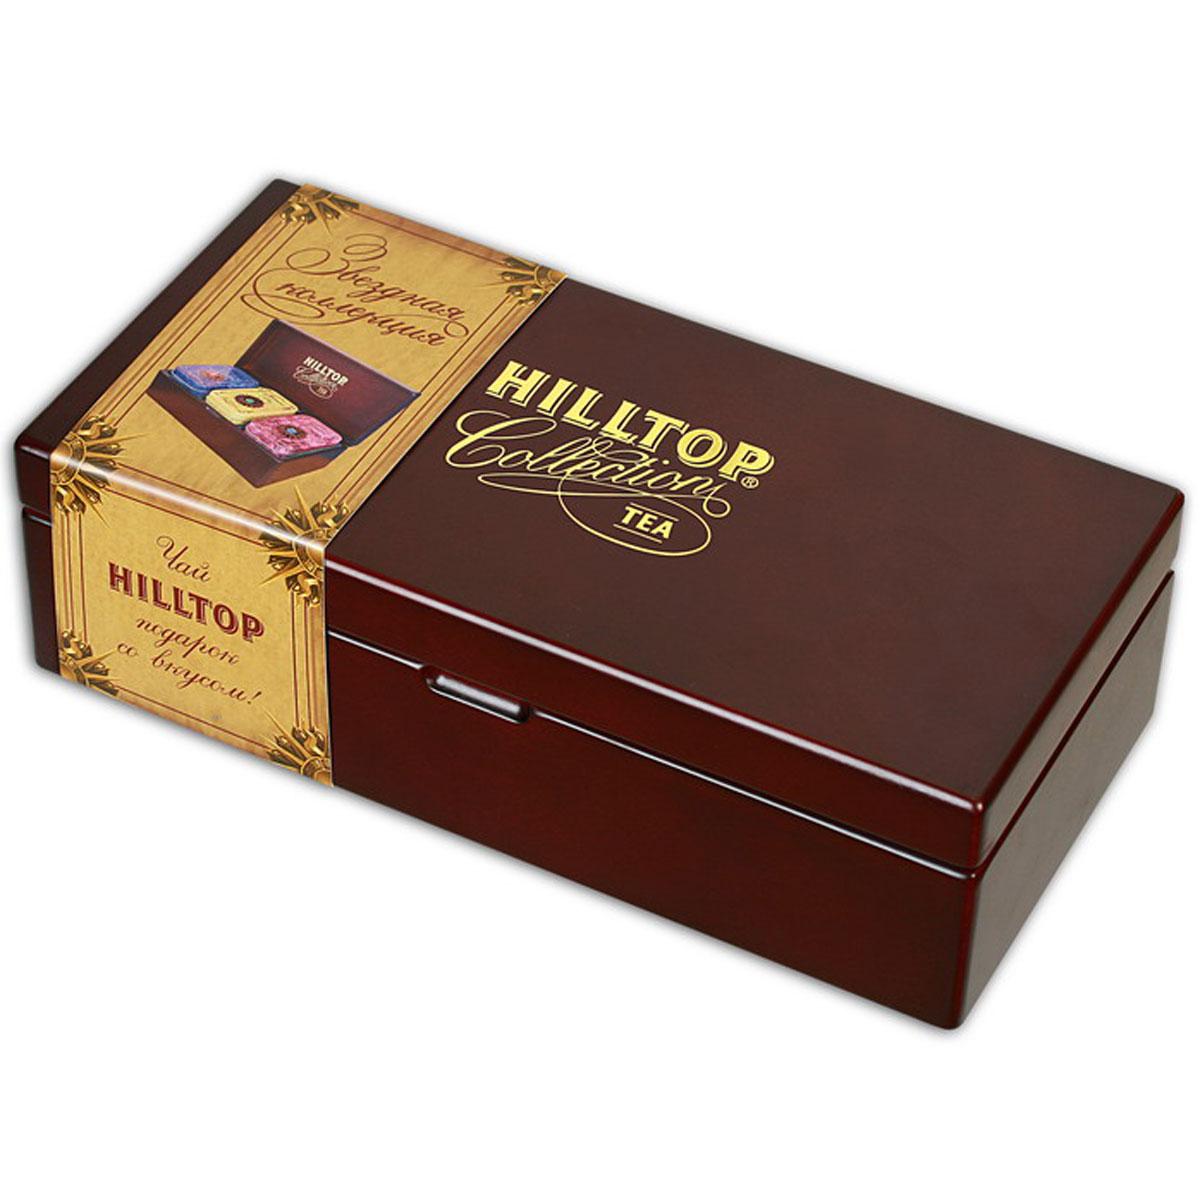 Hilltop Звездная коллекция малая, набор листового чая, 170 г hilltop розы 1001 ночь набор зеленого и черного листового чая в музыкальной шкатулке 125 г